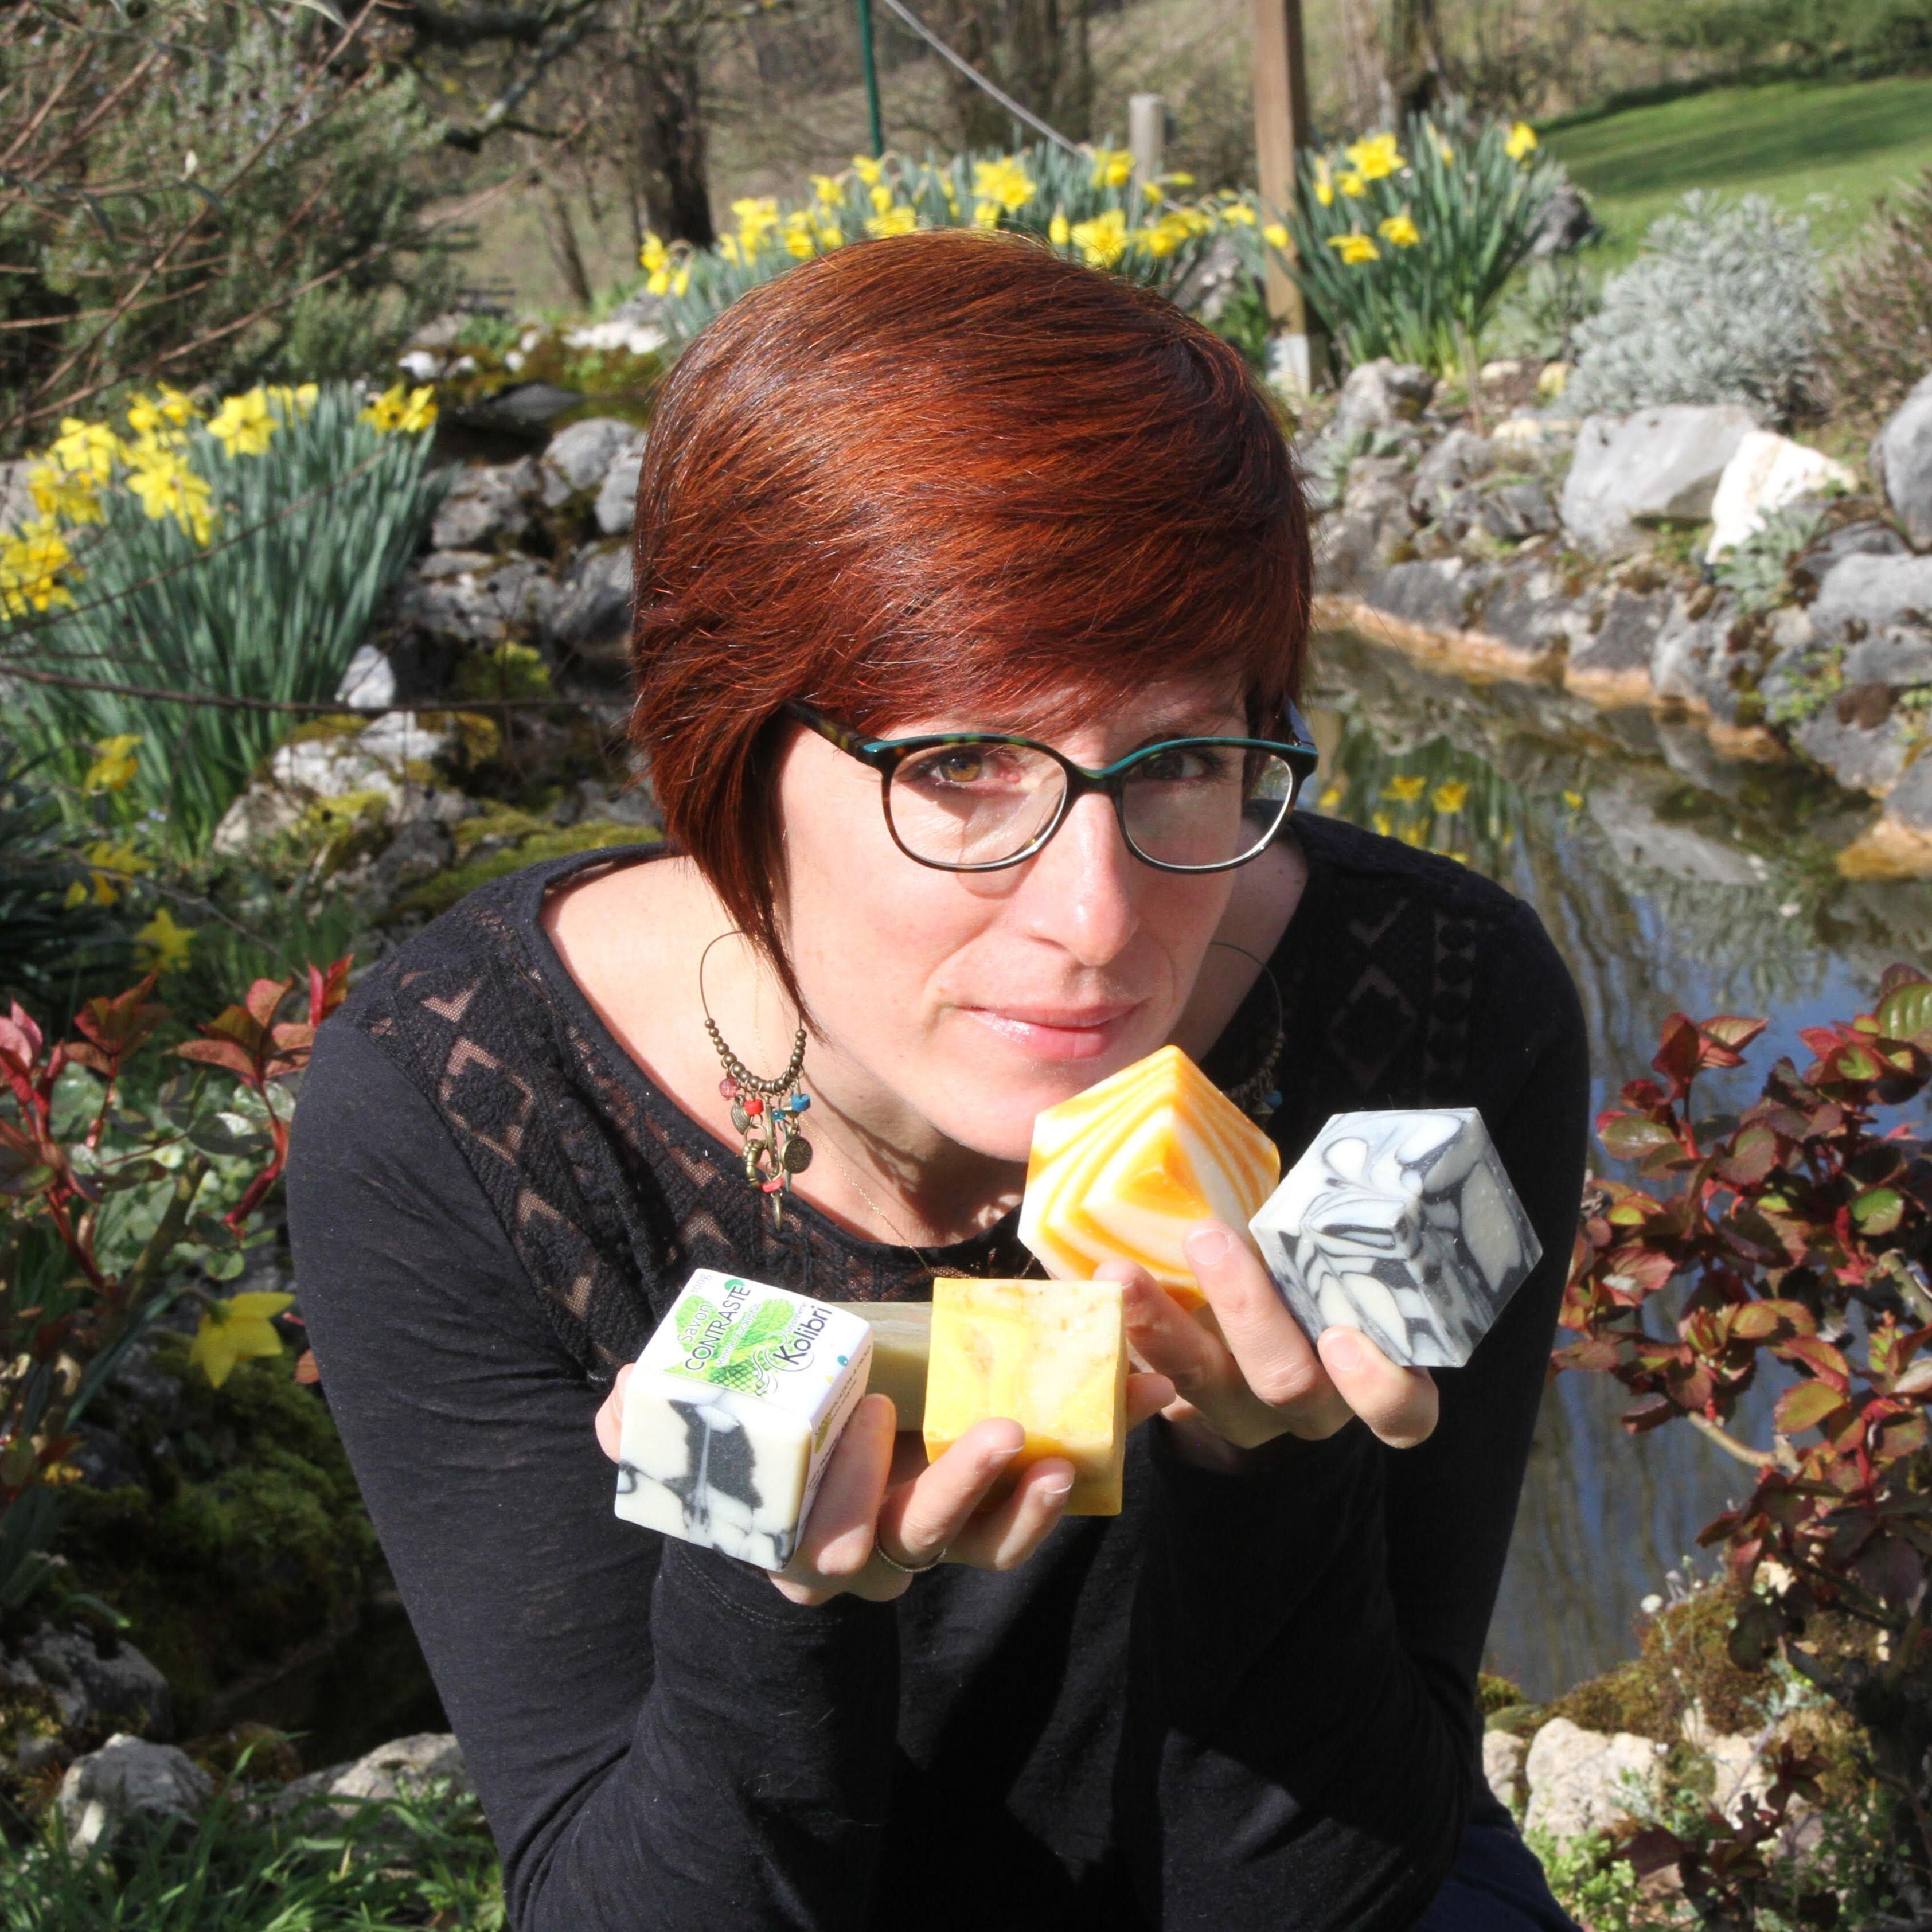 Caroline, créer un site e-commerce de savonnerie artisanale